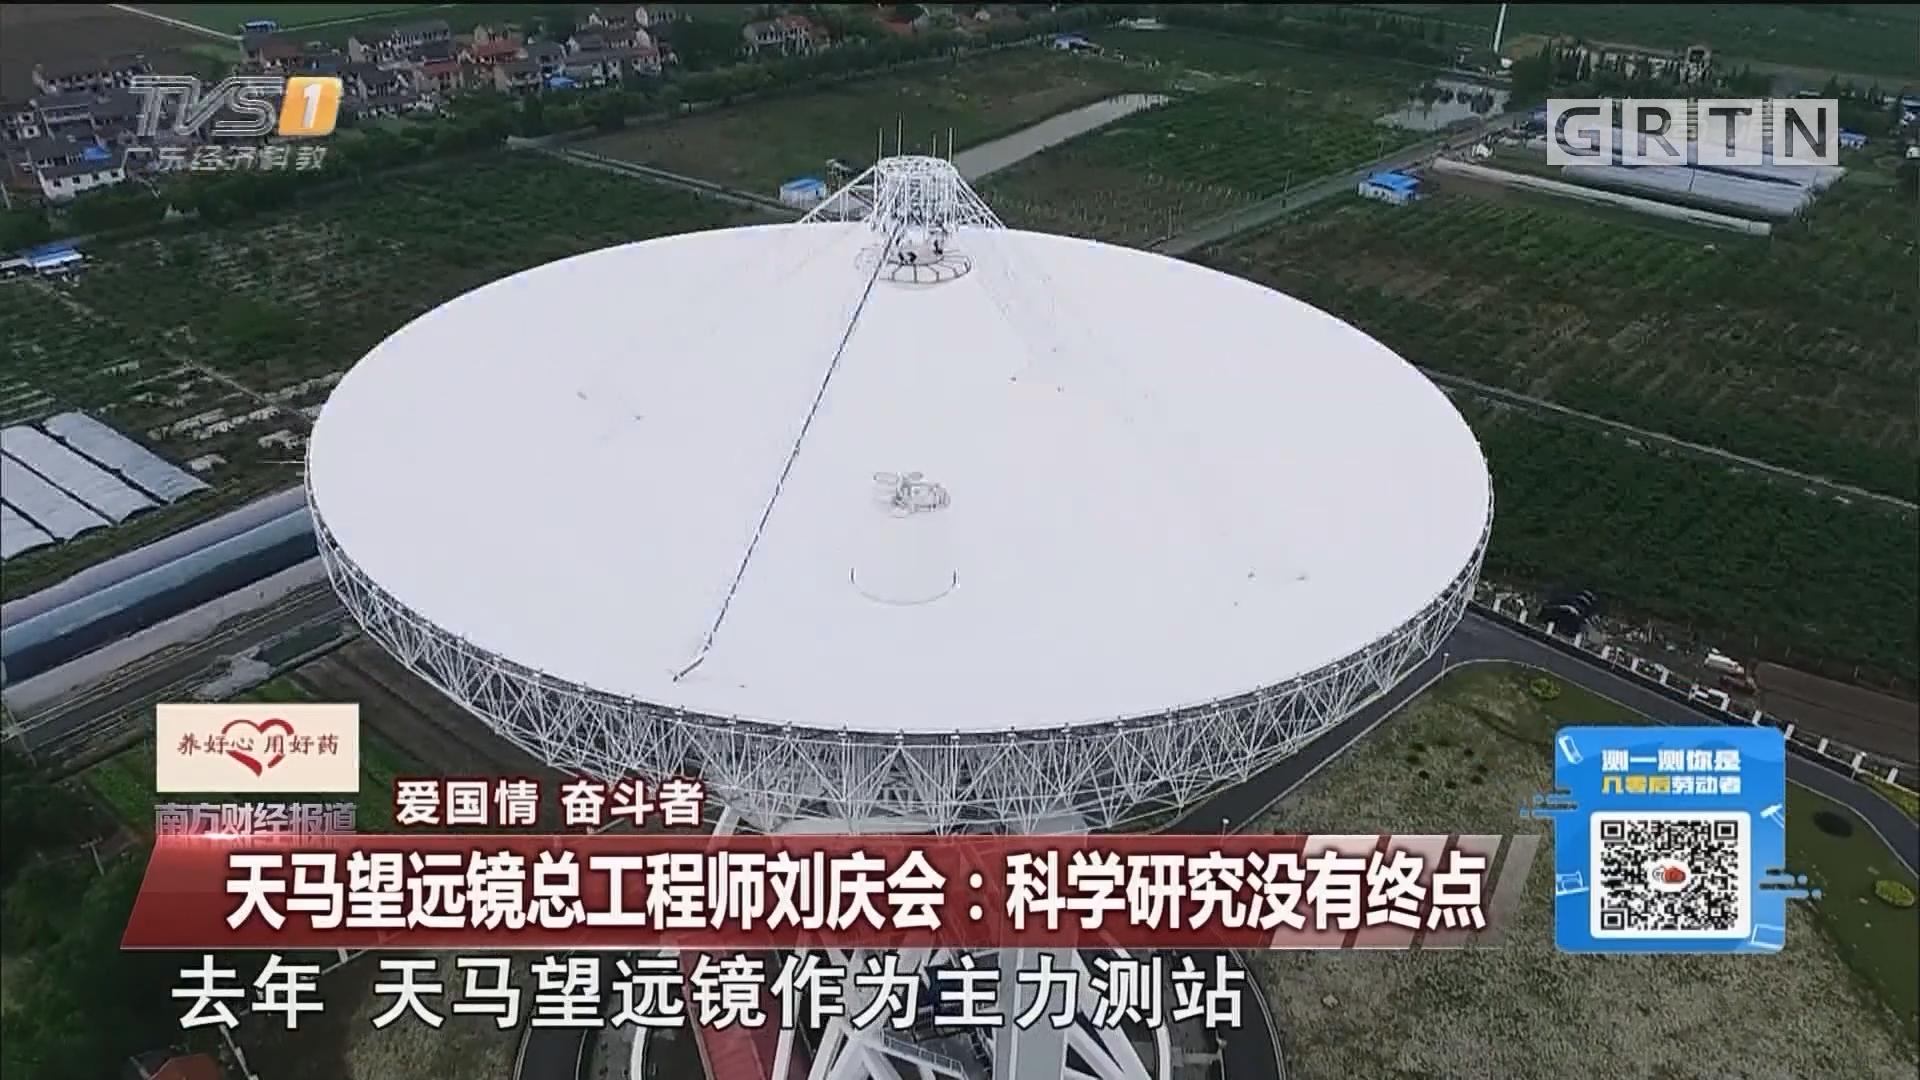 天马望远镜总工程师刘庆会:科学研究没有终点